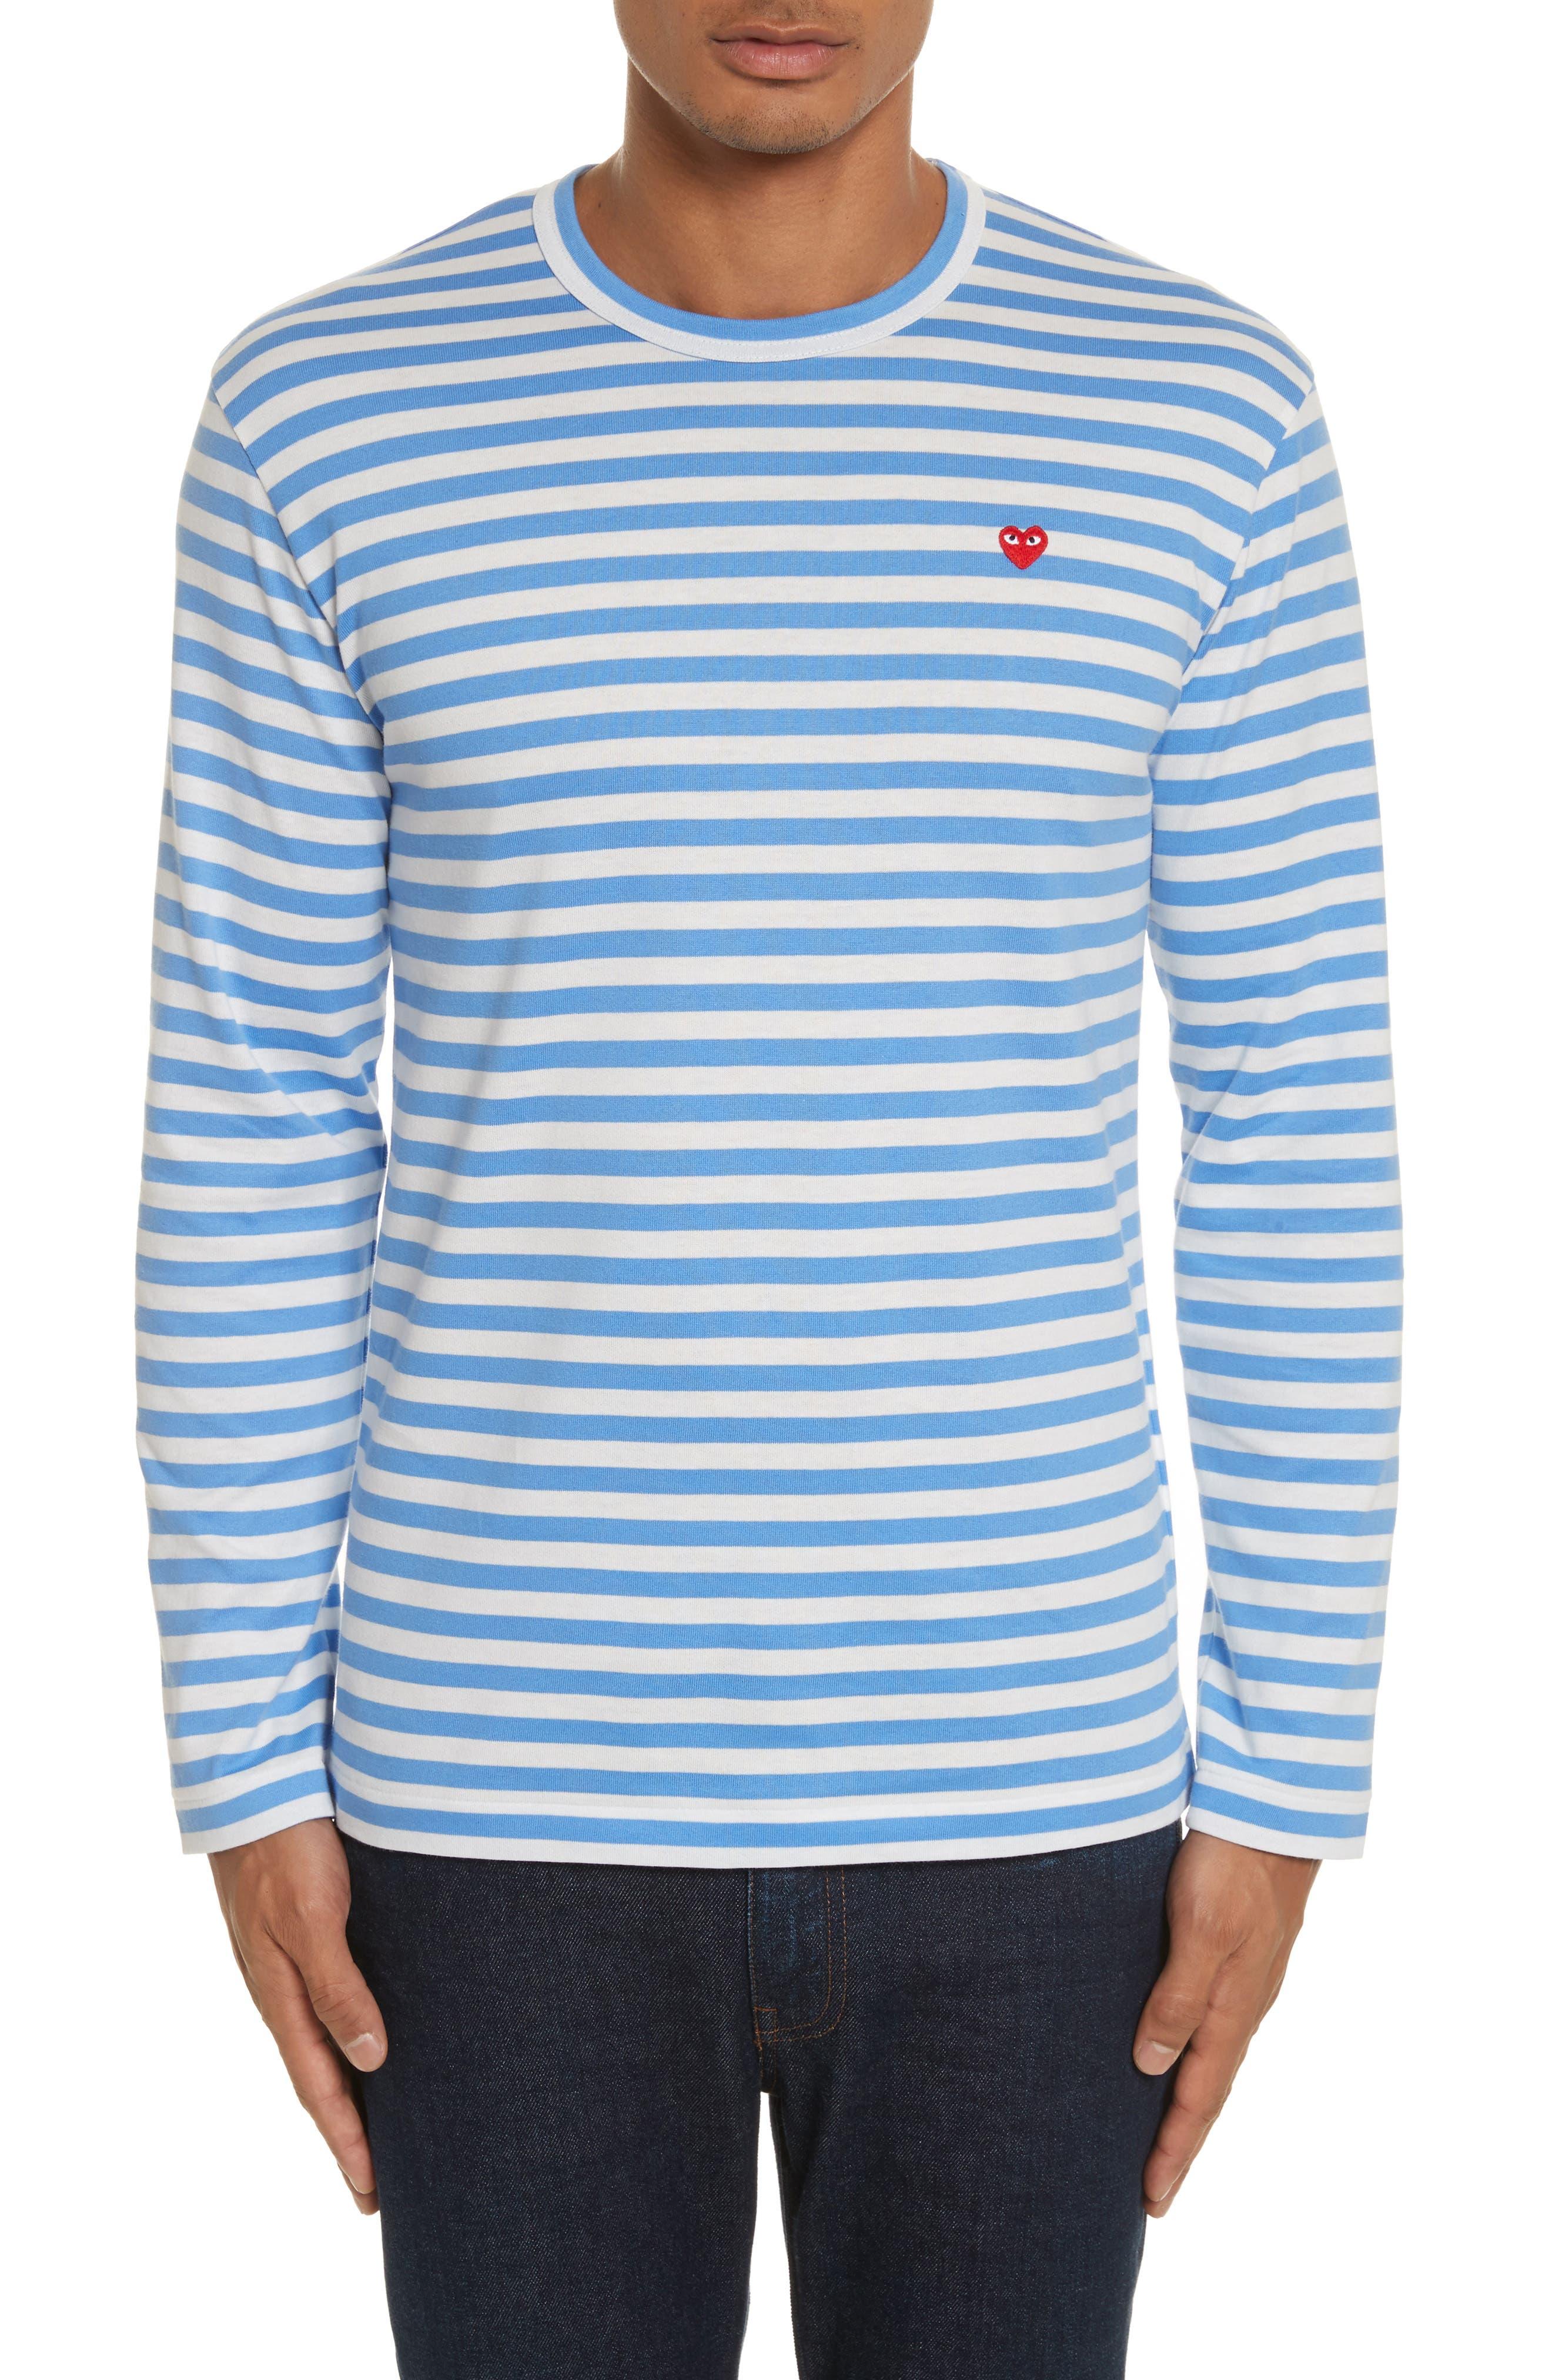 COMME DES GARÇONS PLAY, Long Sleeve Stripe Crewneck T-Shirt, Main thumbnail 1, color, 400